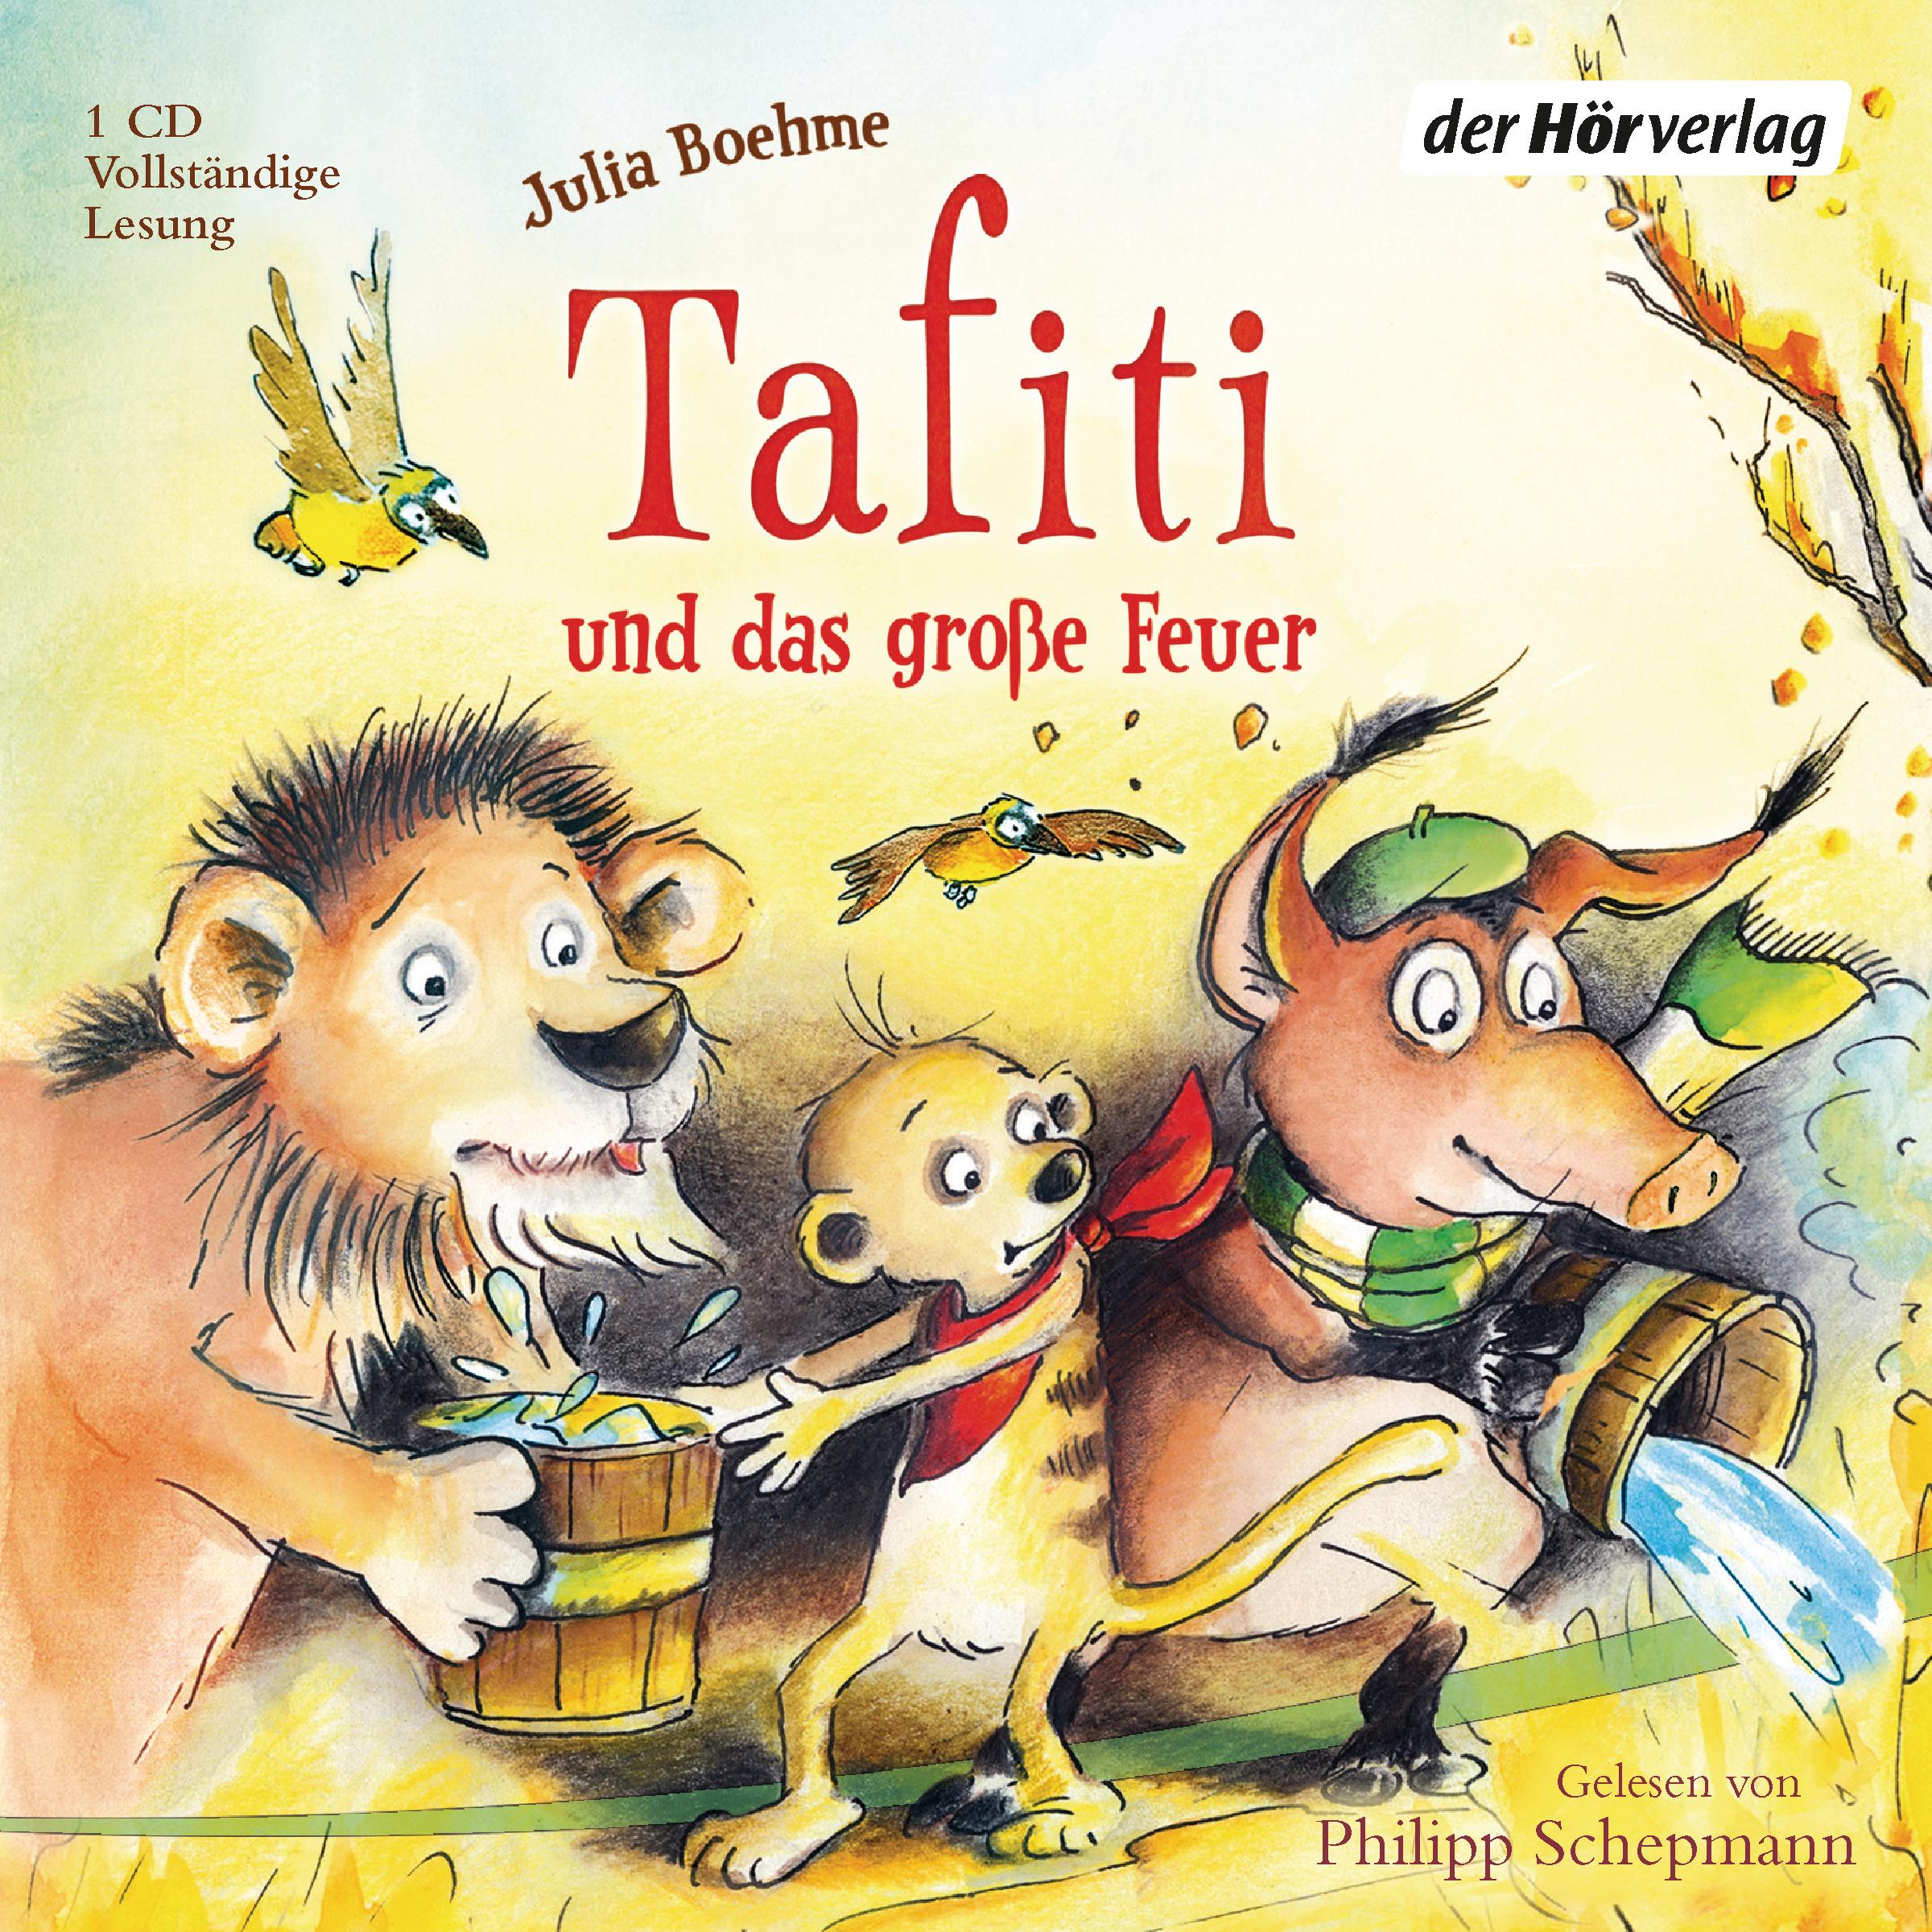 Julia-Boehme-Tafiti-und-das-grosse-Feuer-9783844518900